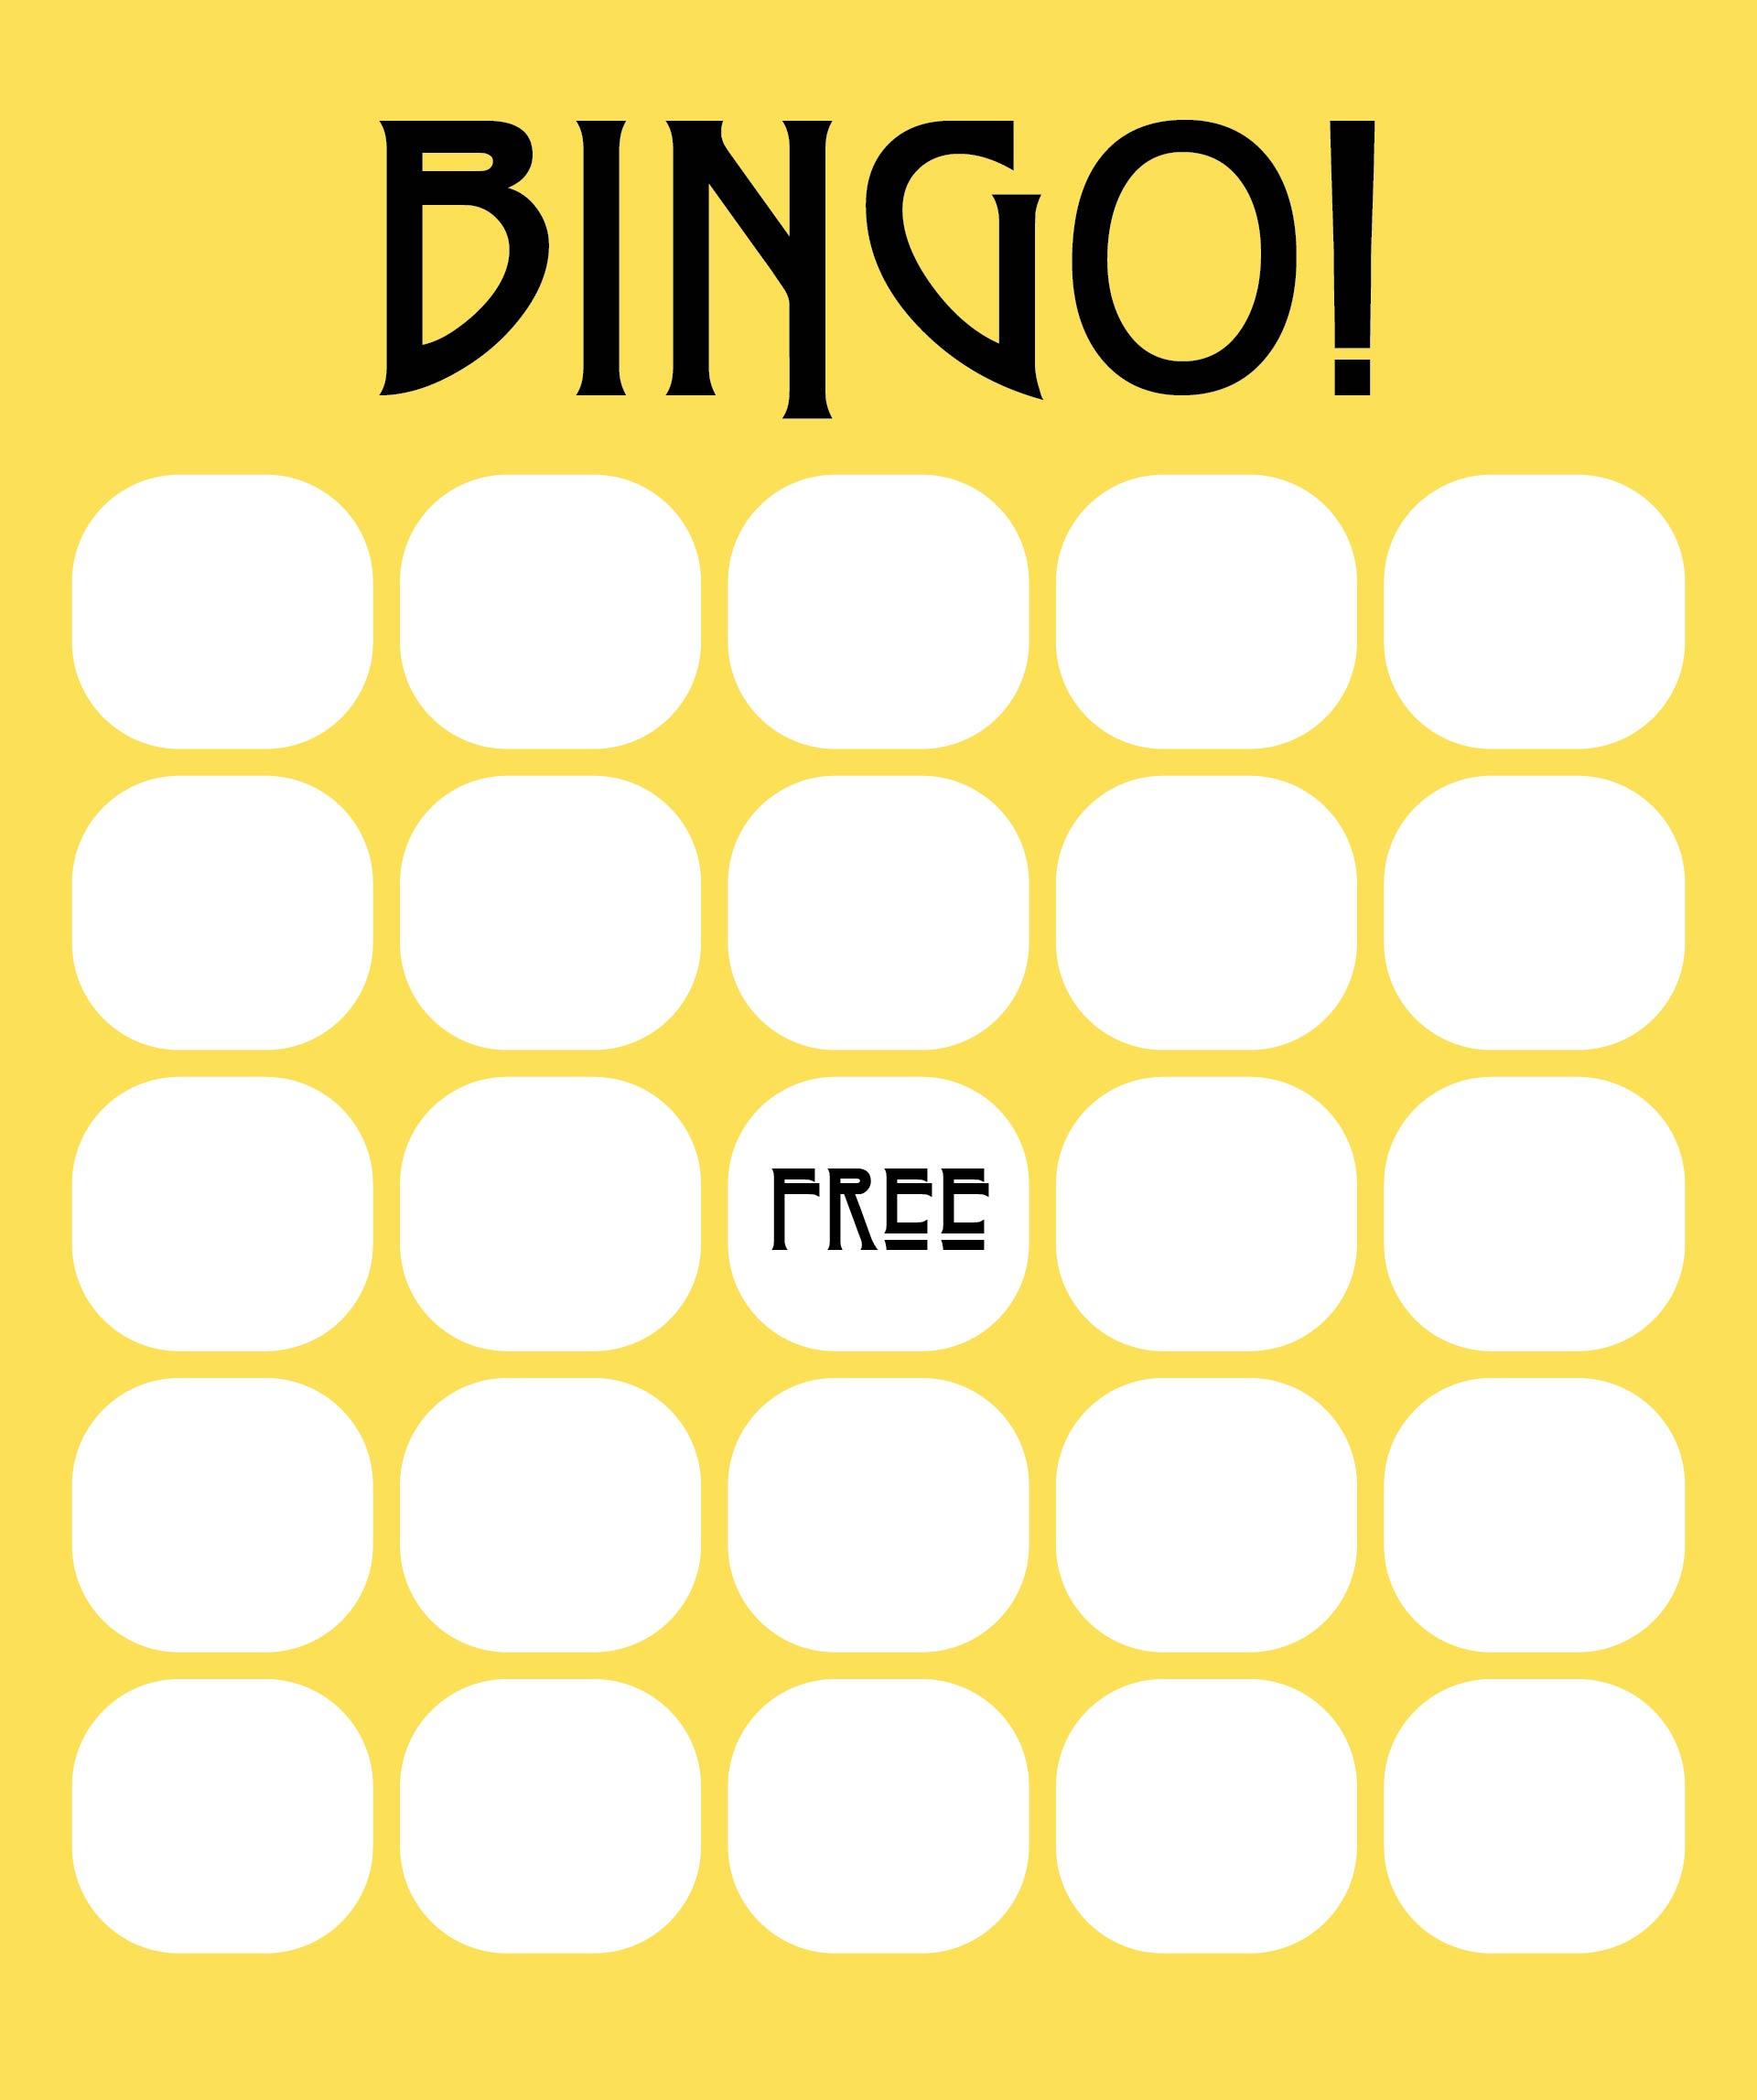 21 Best Excel Bingo Card Printable Template - printablee.com For Blank Bingo Card Template Microsoft Word